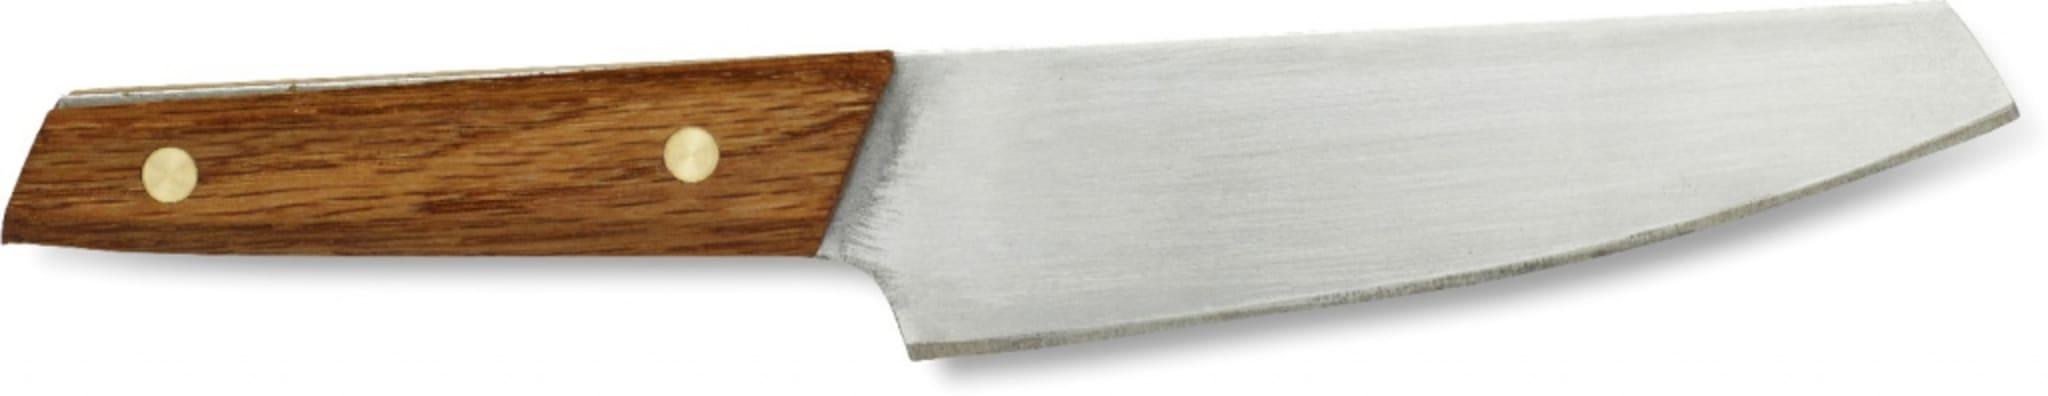 Kokkekniv til matlaging på tur!